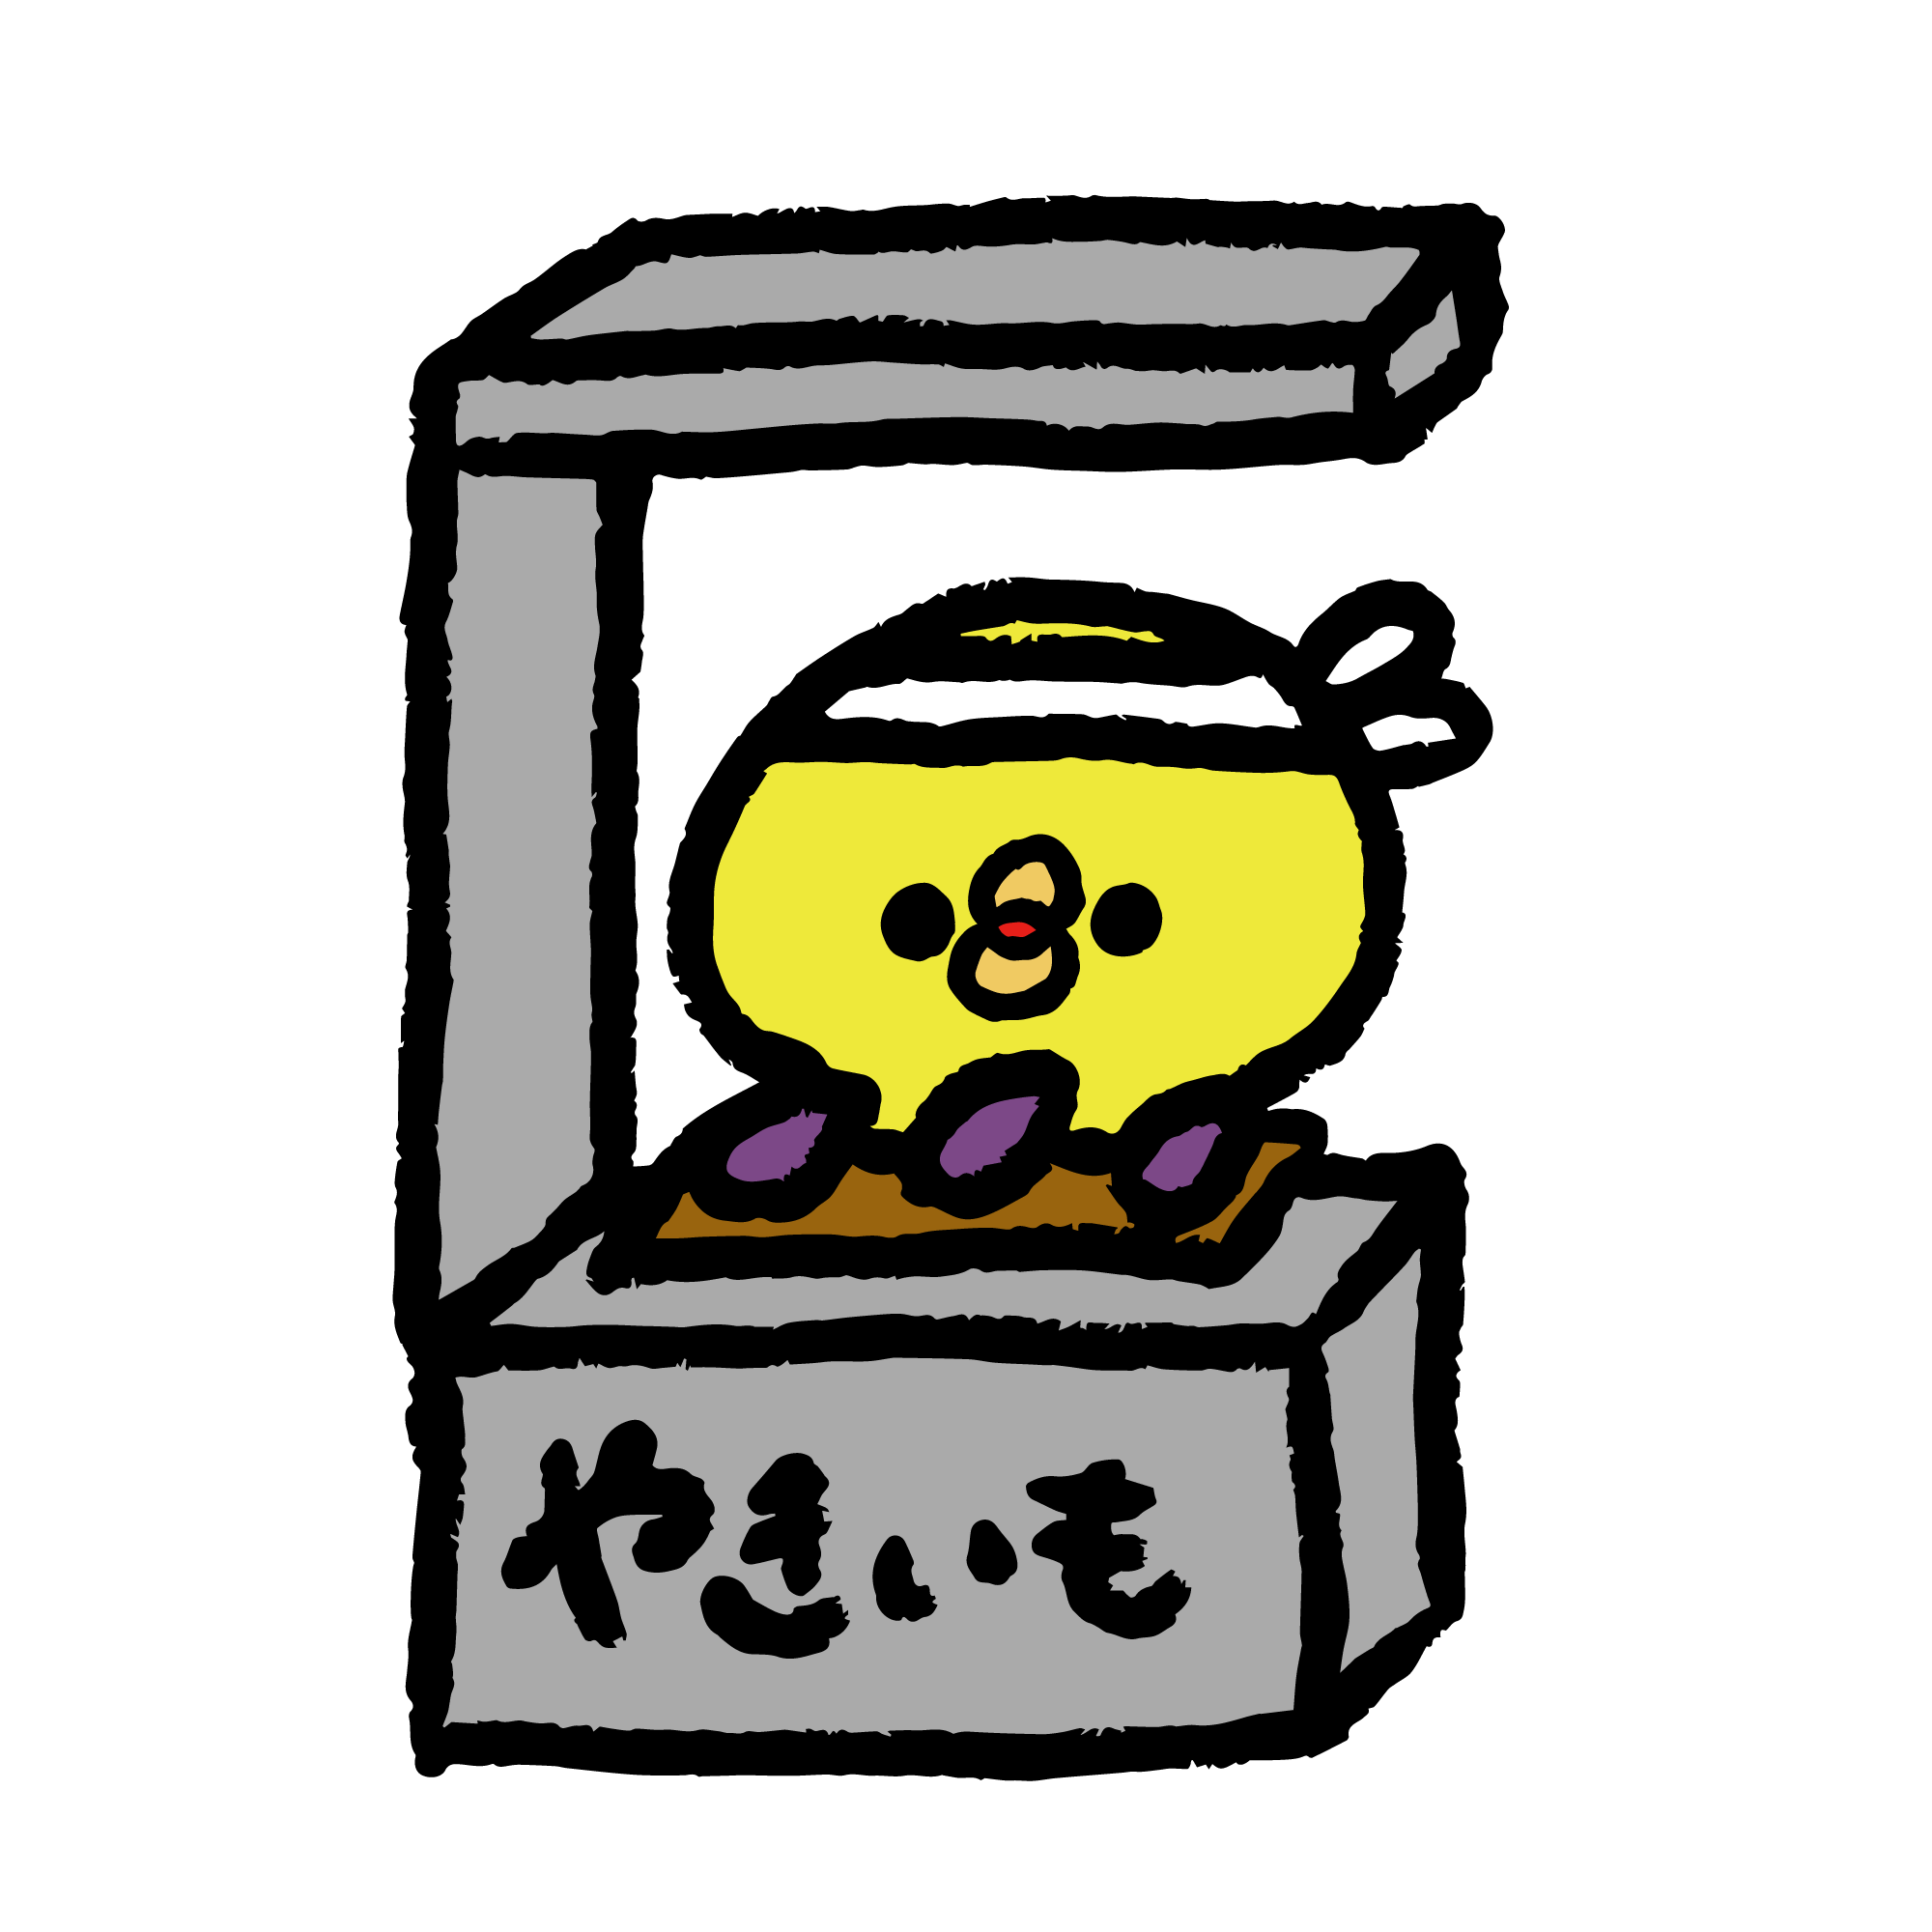 屋台で焼き芋を売るひよこ